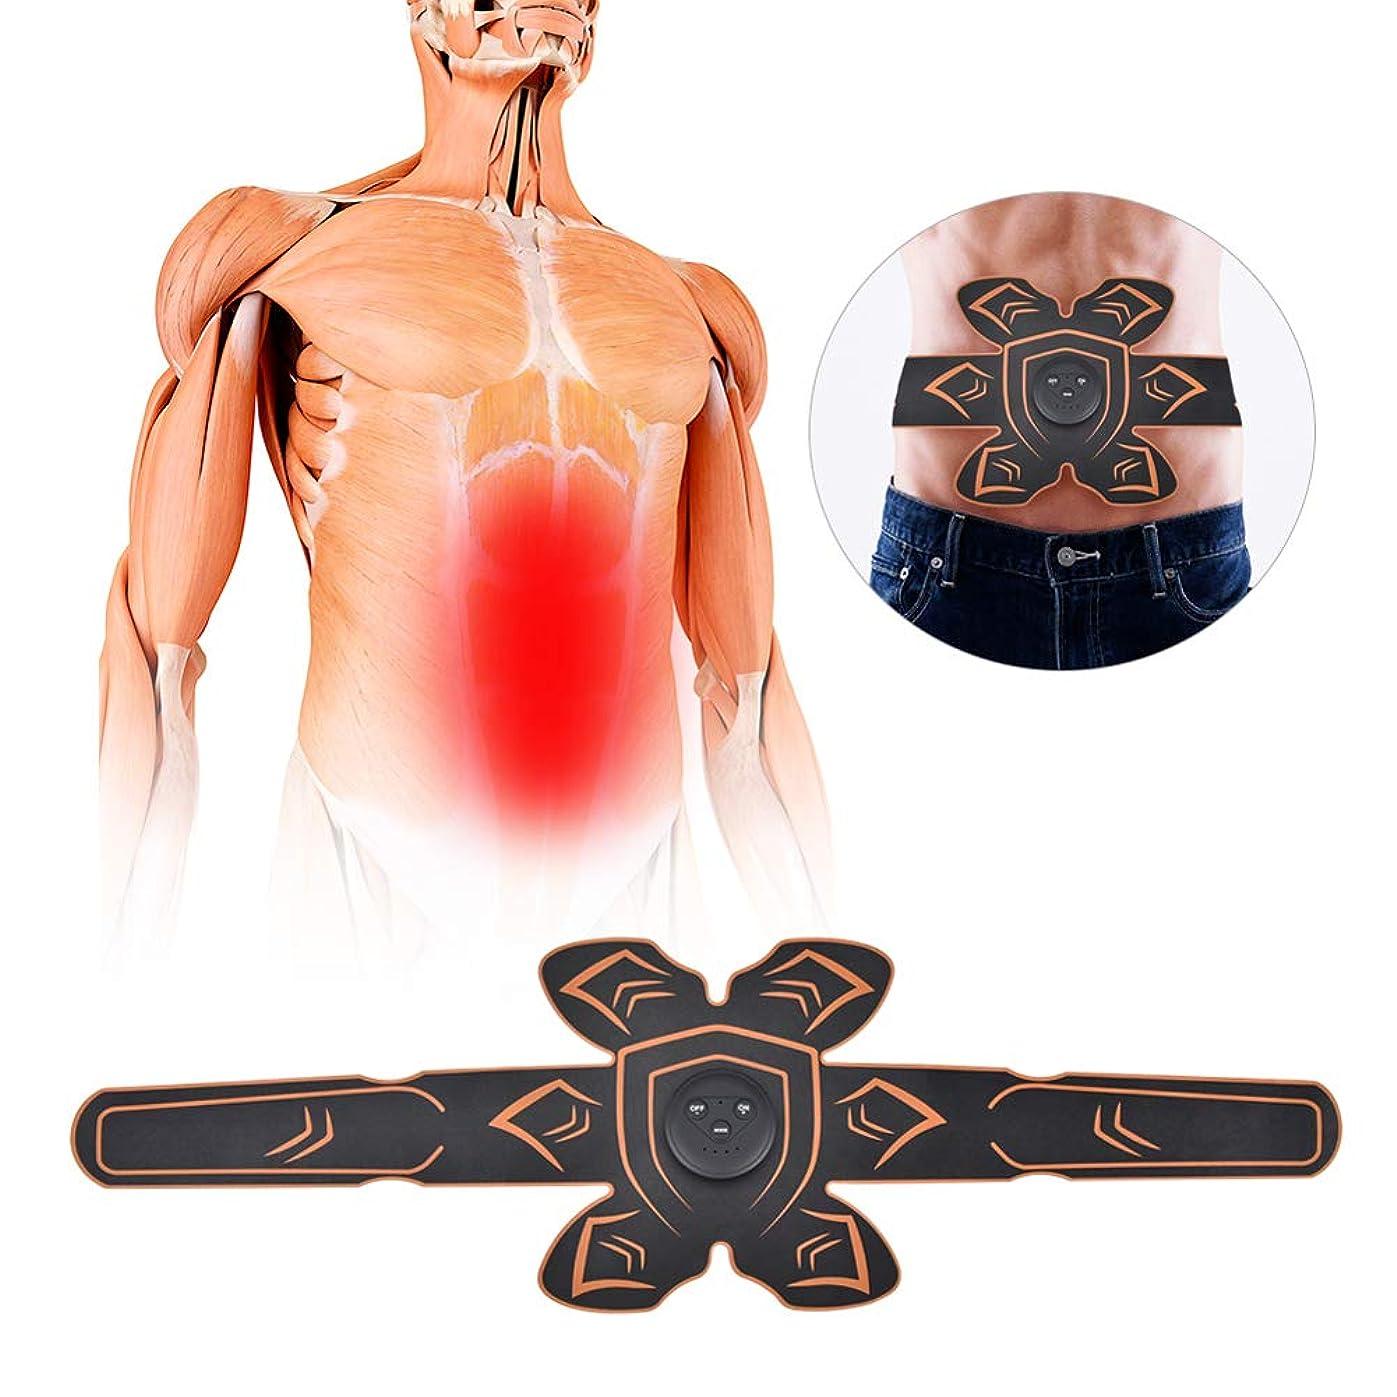 立ち寄る振り返るベット腹部刺激装置、EMS男性および女性の腹部調整ストラップ、腕と脚のトレーナー、オフィス、ホームジムのフィットネス機器